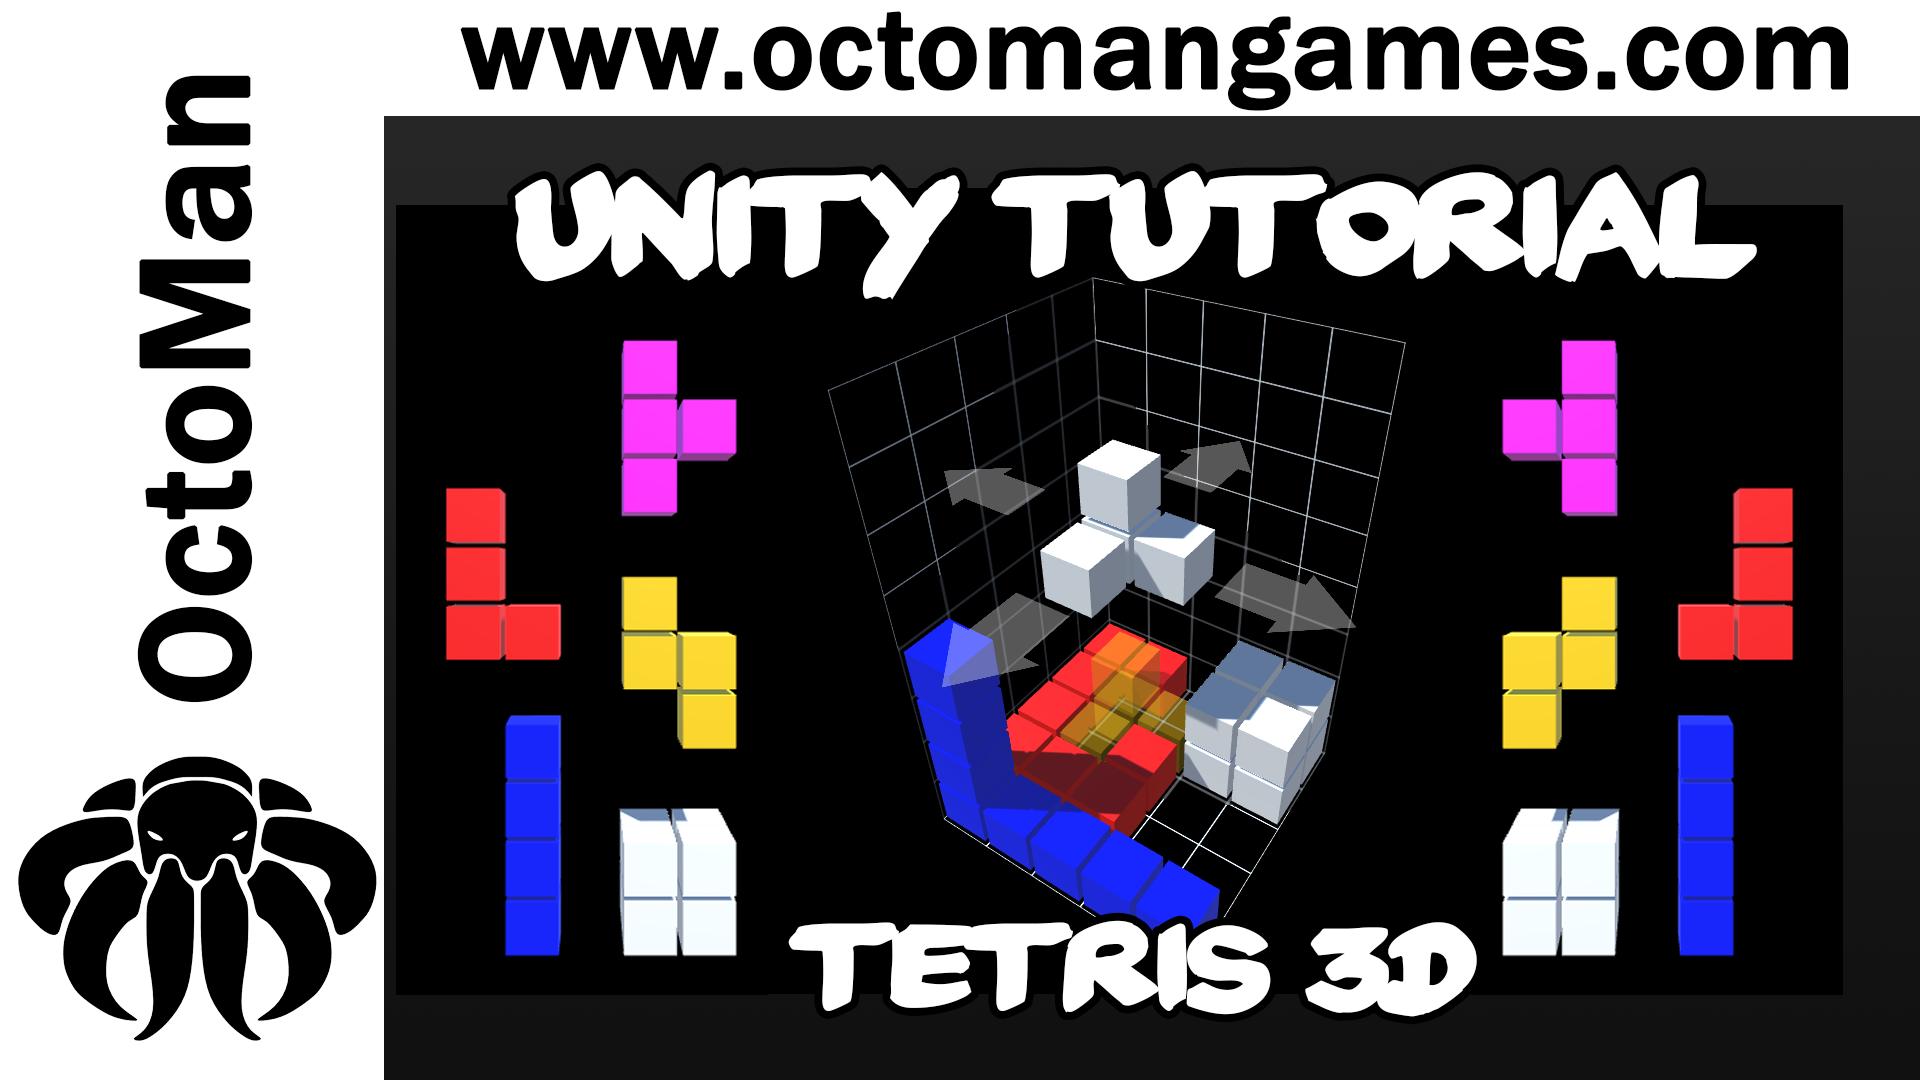 Complete Tetris 3D Pack